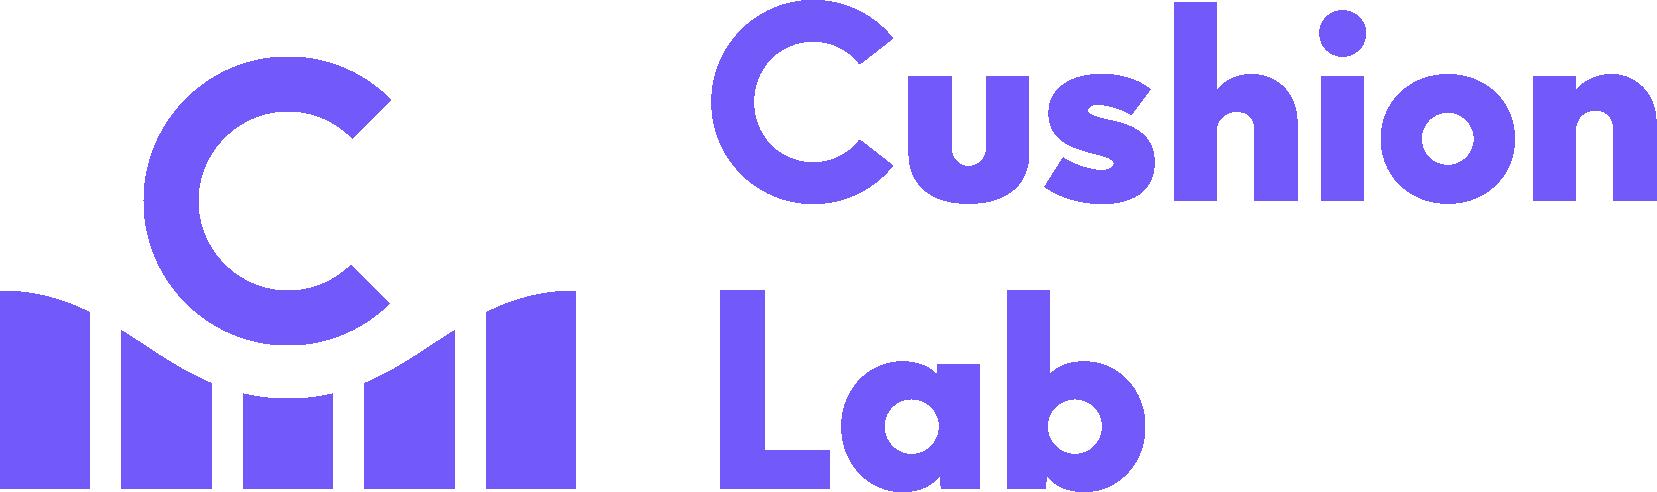 Cushion Lab LLC